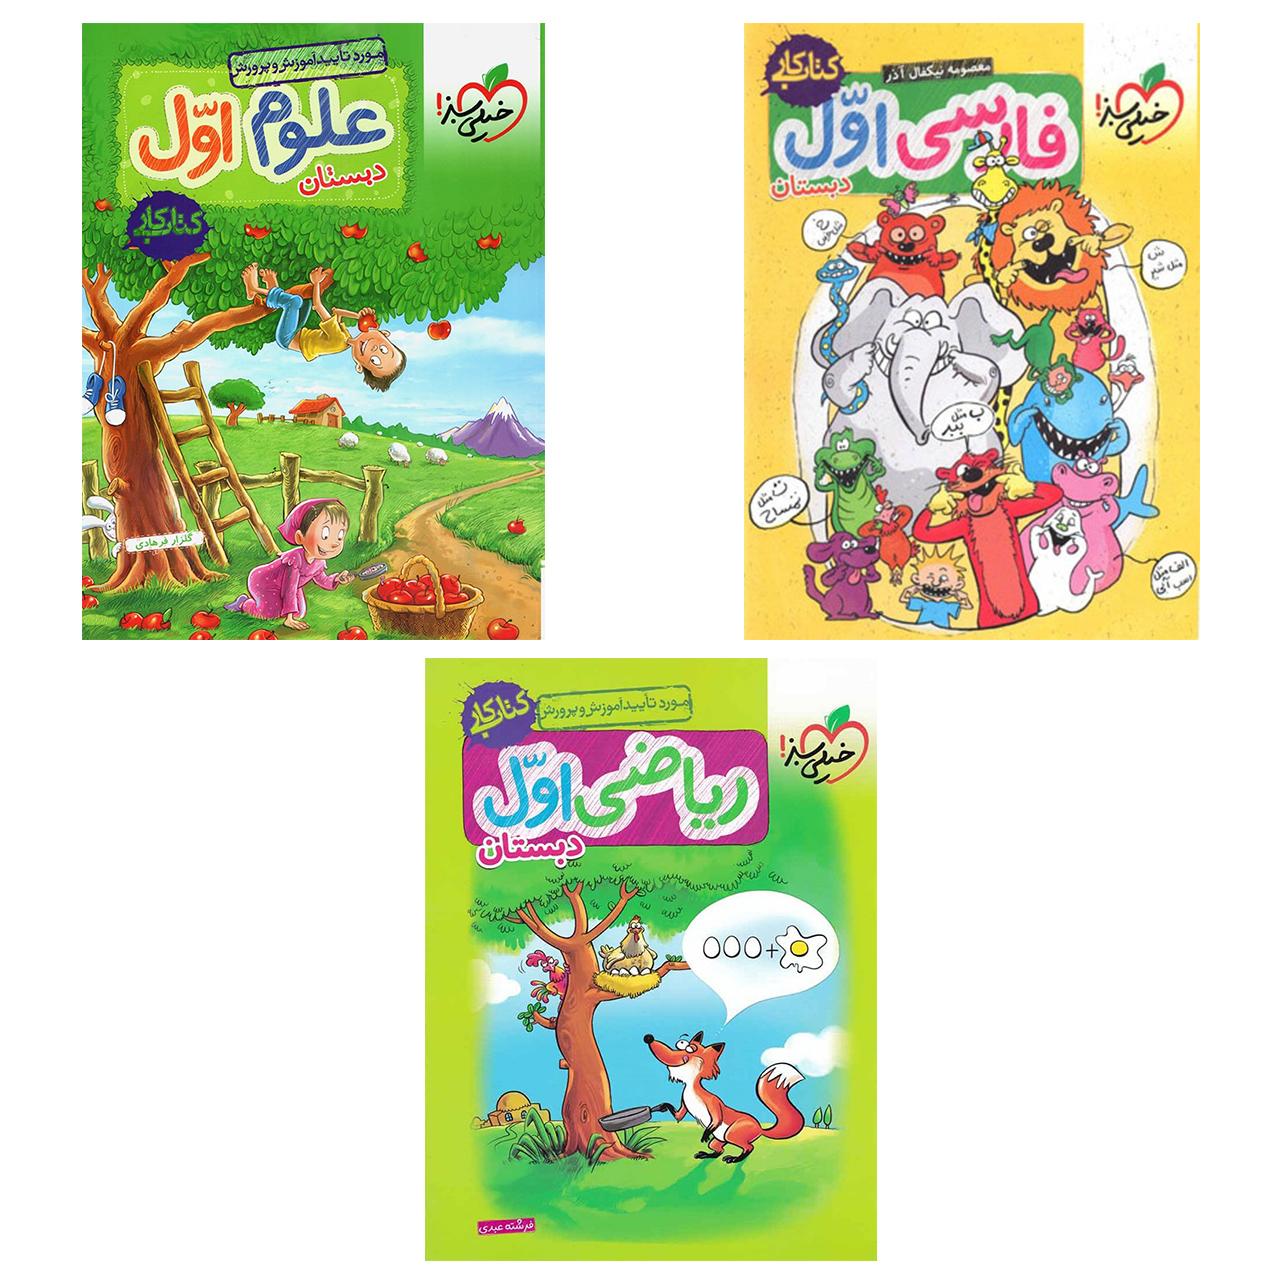 خرید                      کتاب ریاضی، علوم و فارسی اول ابتدایی خیلی سبز مجموعه سه جلدی